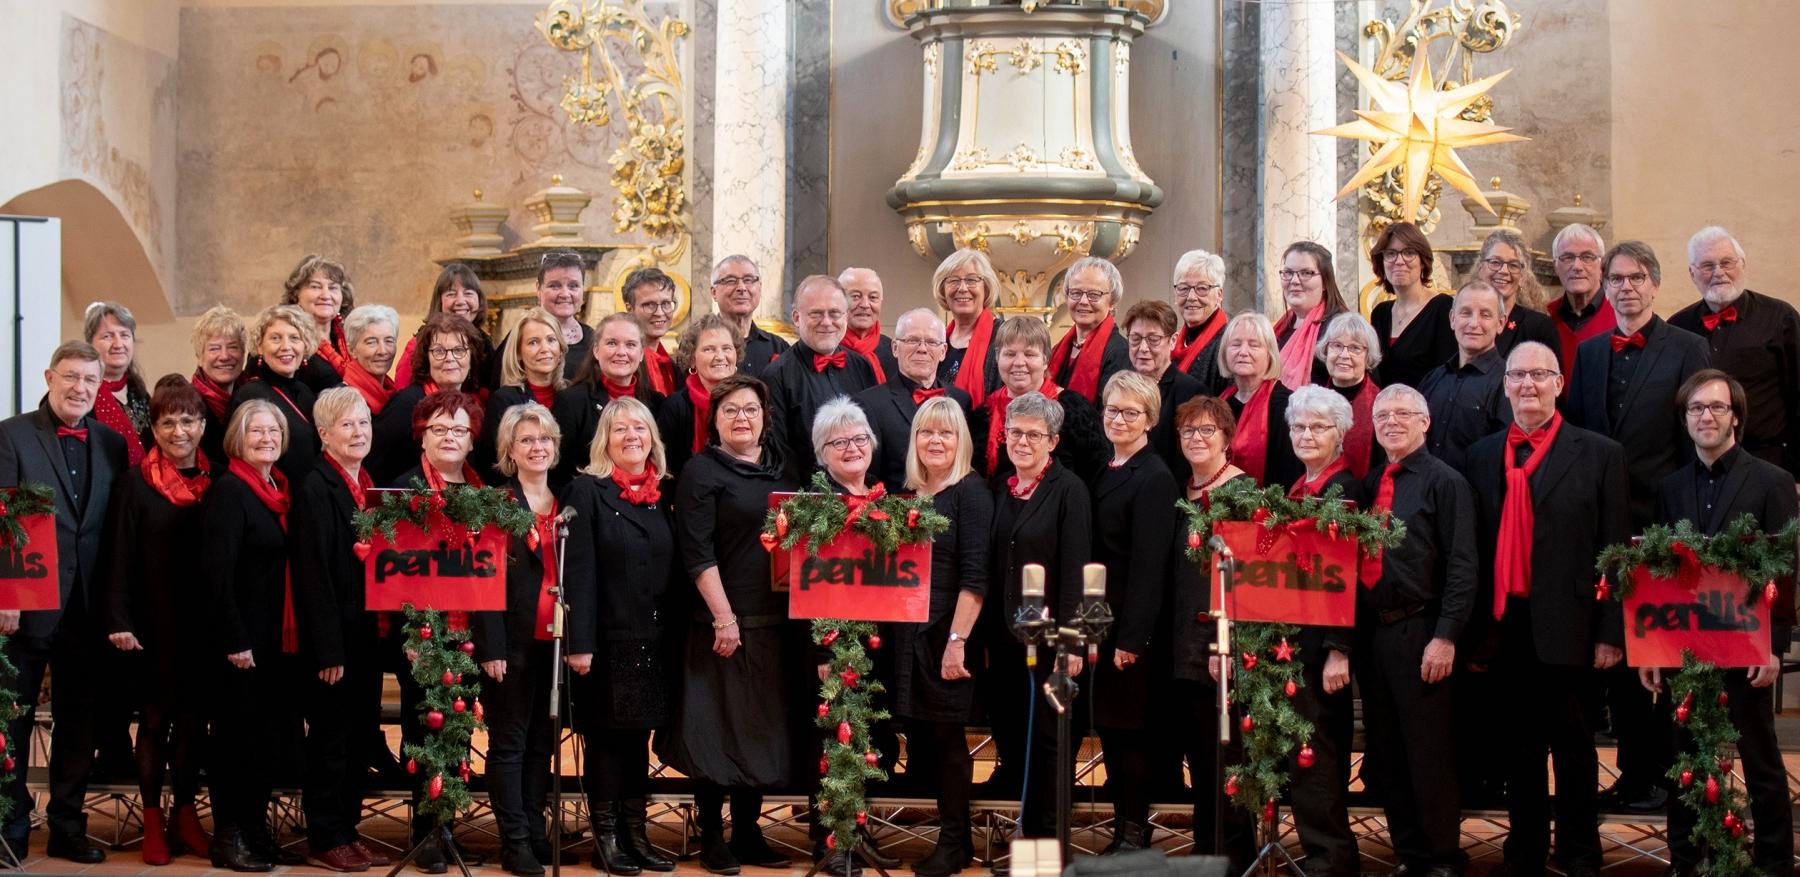 Weihnachtskonzert 2019 in der Klosterkirche